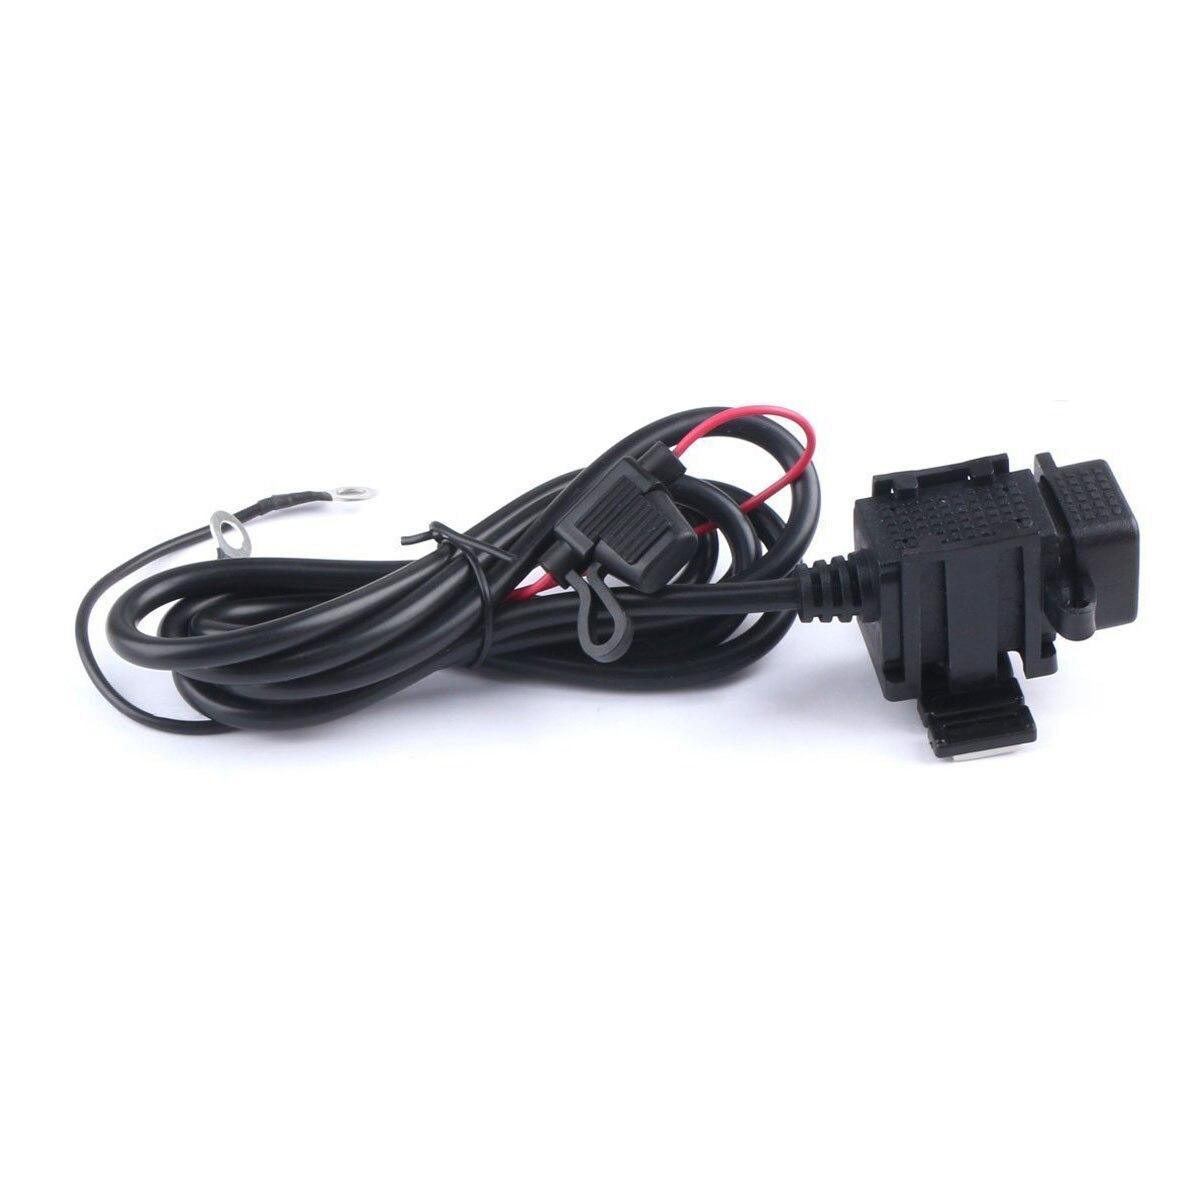 Étanche Double USB Chargeur Moto Cellulaire-Téléphone Port de Charge 12 V à 5 V/2.1A Puissance Adaptateur